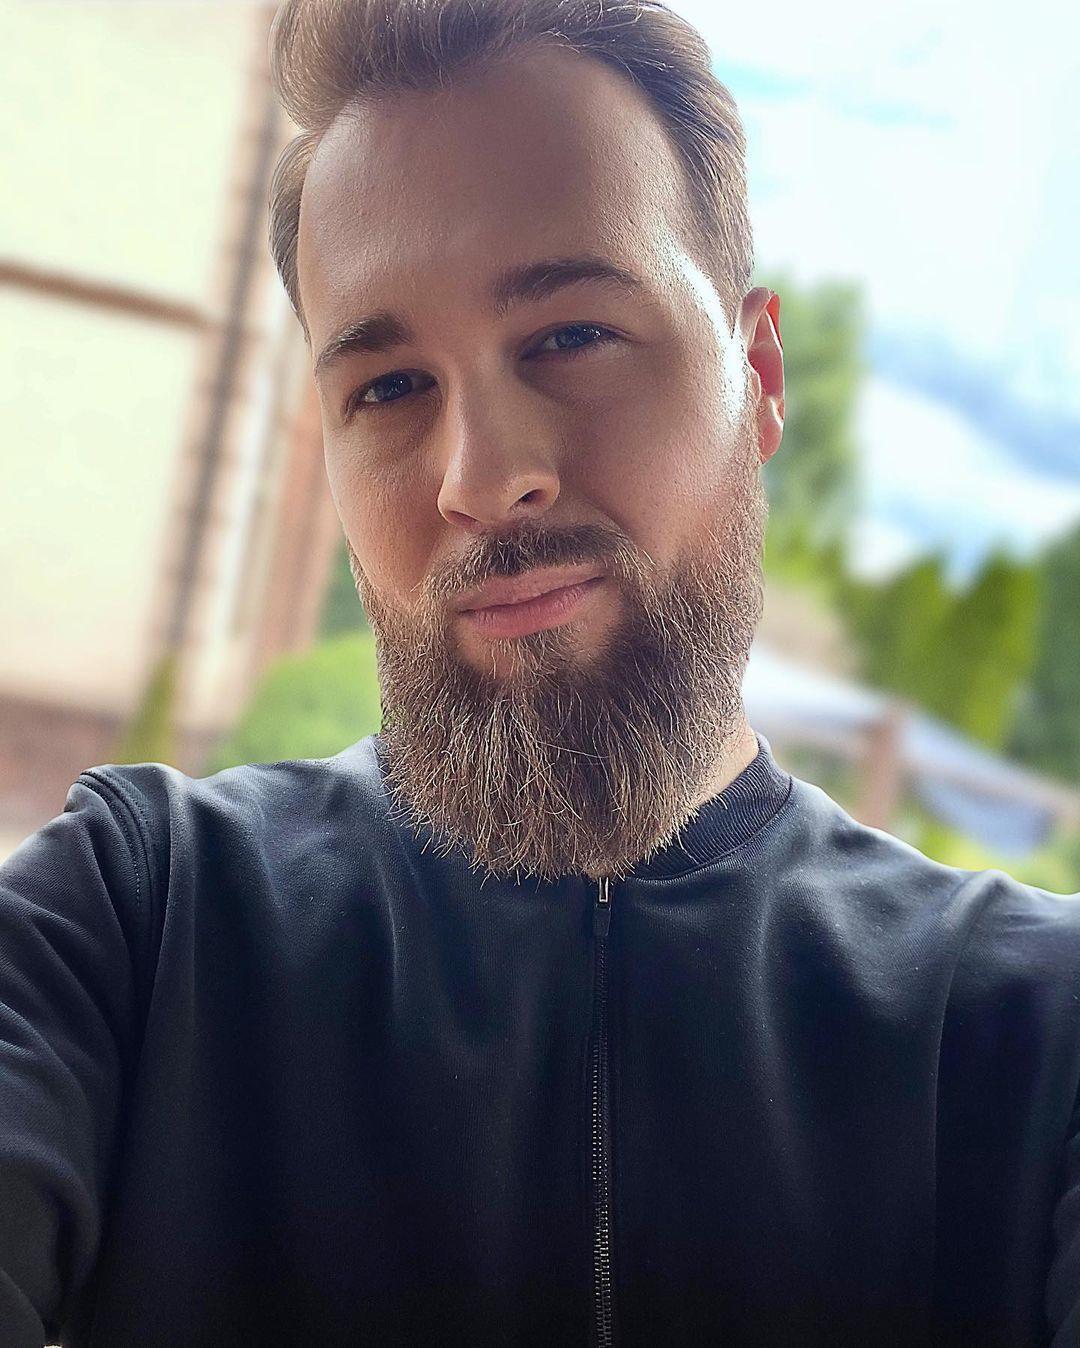 Владислав Ясько, 26 лет